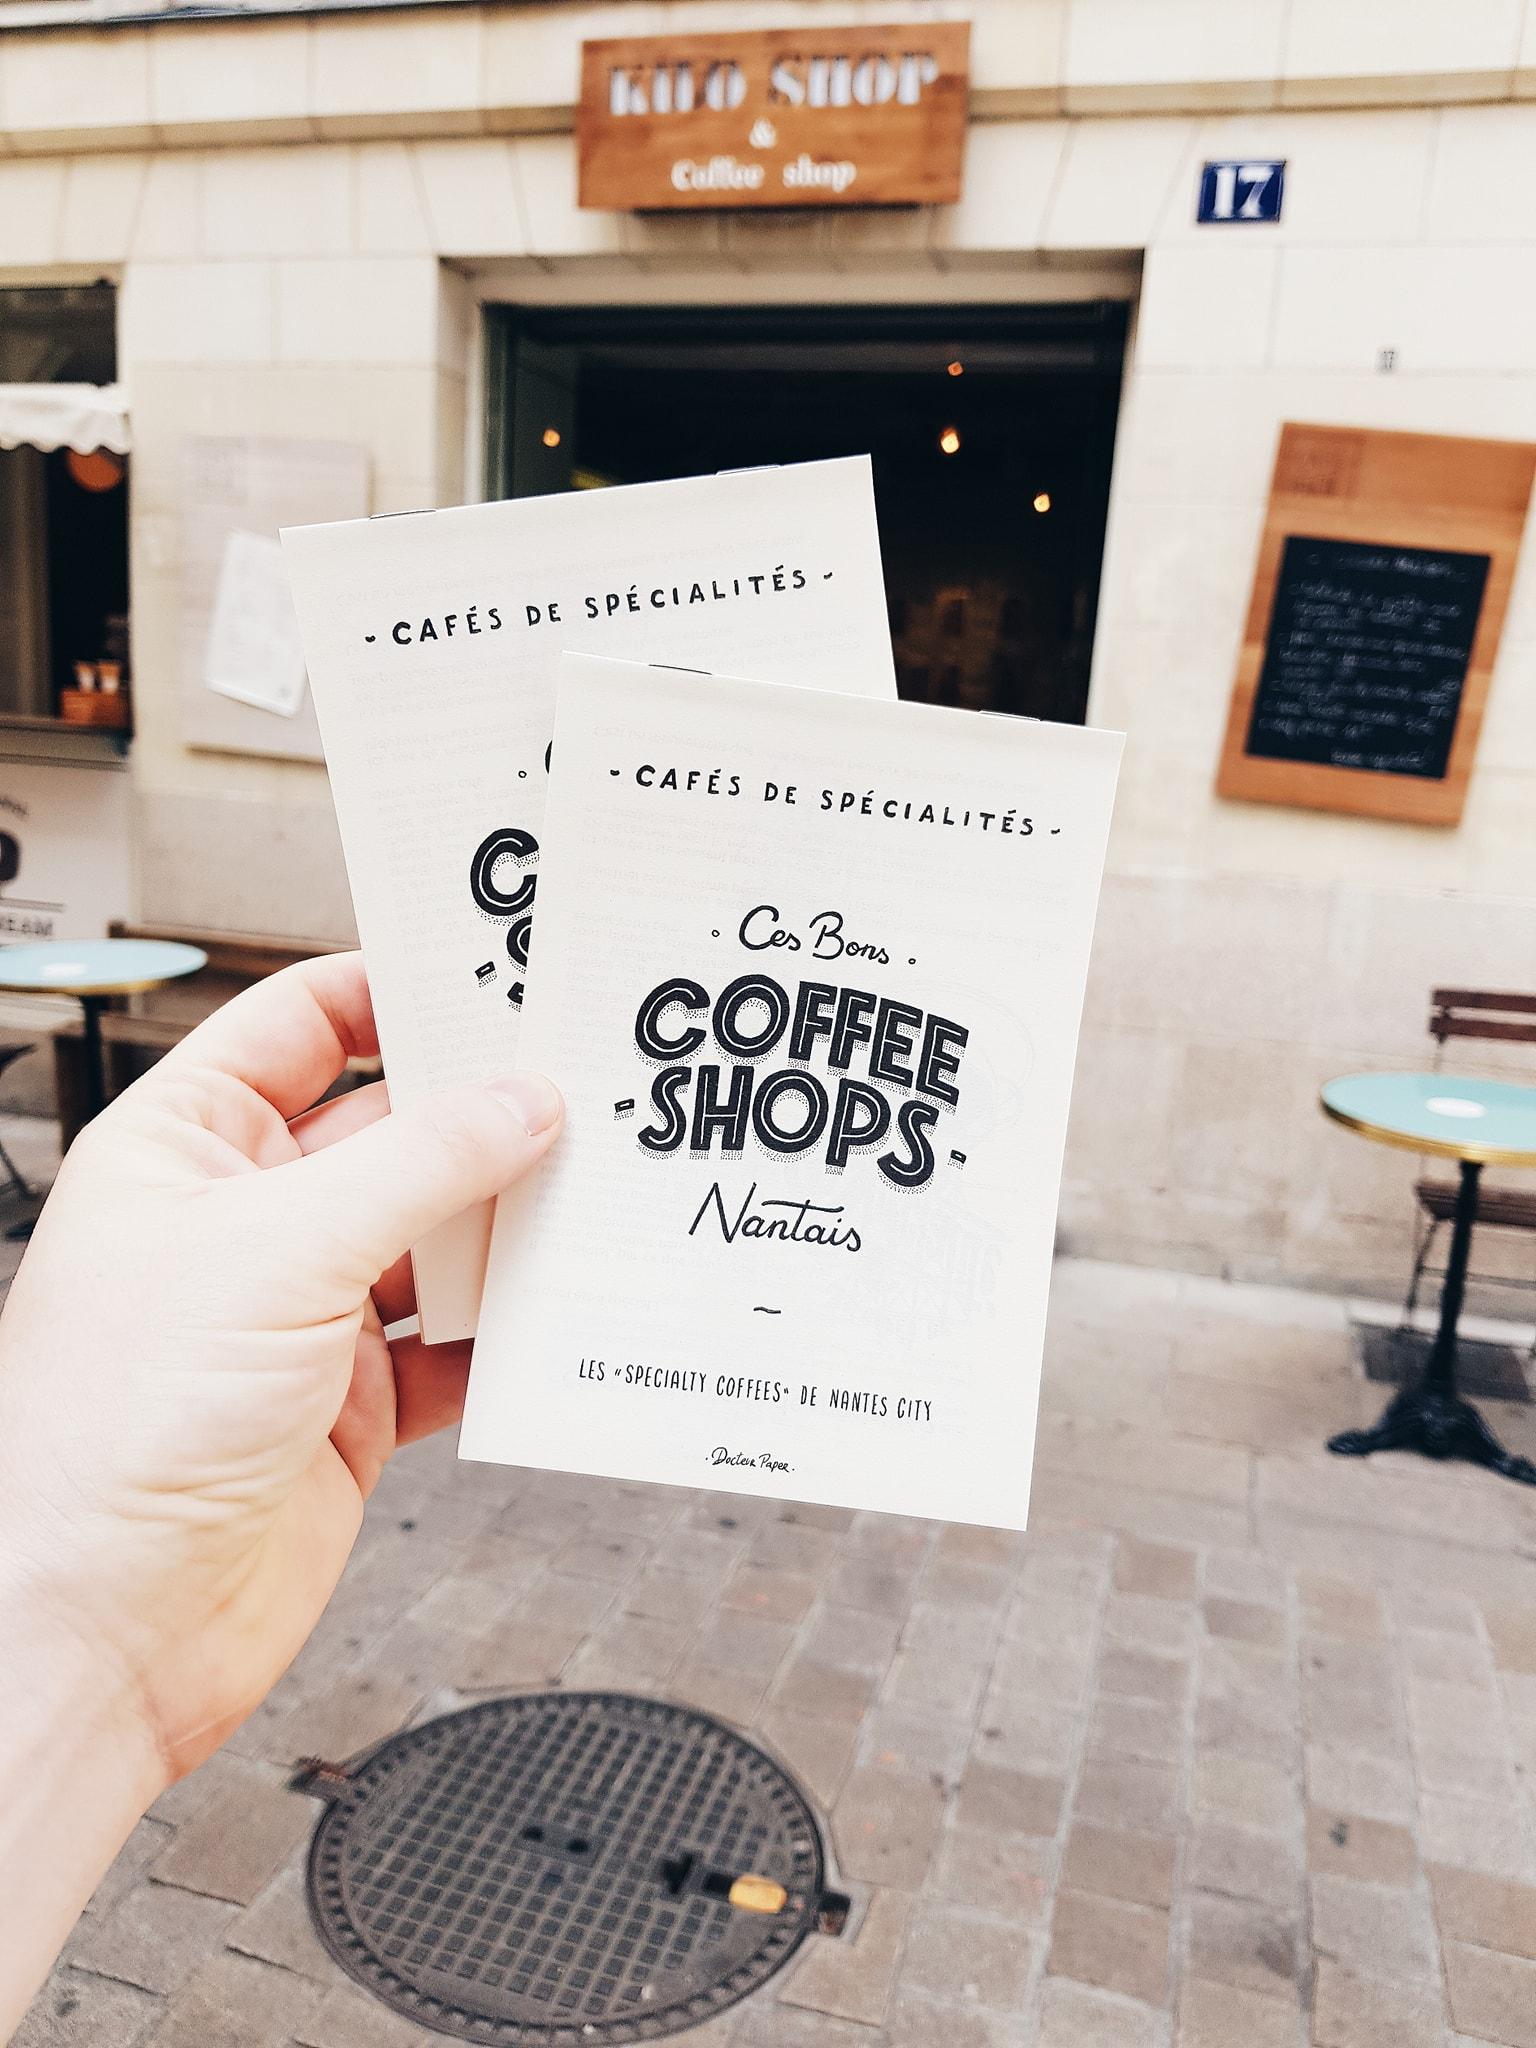 CAFE PENCHE ILLUSTRATEUR Docteur Paper COFFEE ILLUSTRATION VILLE NANTES Nantes City